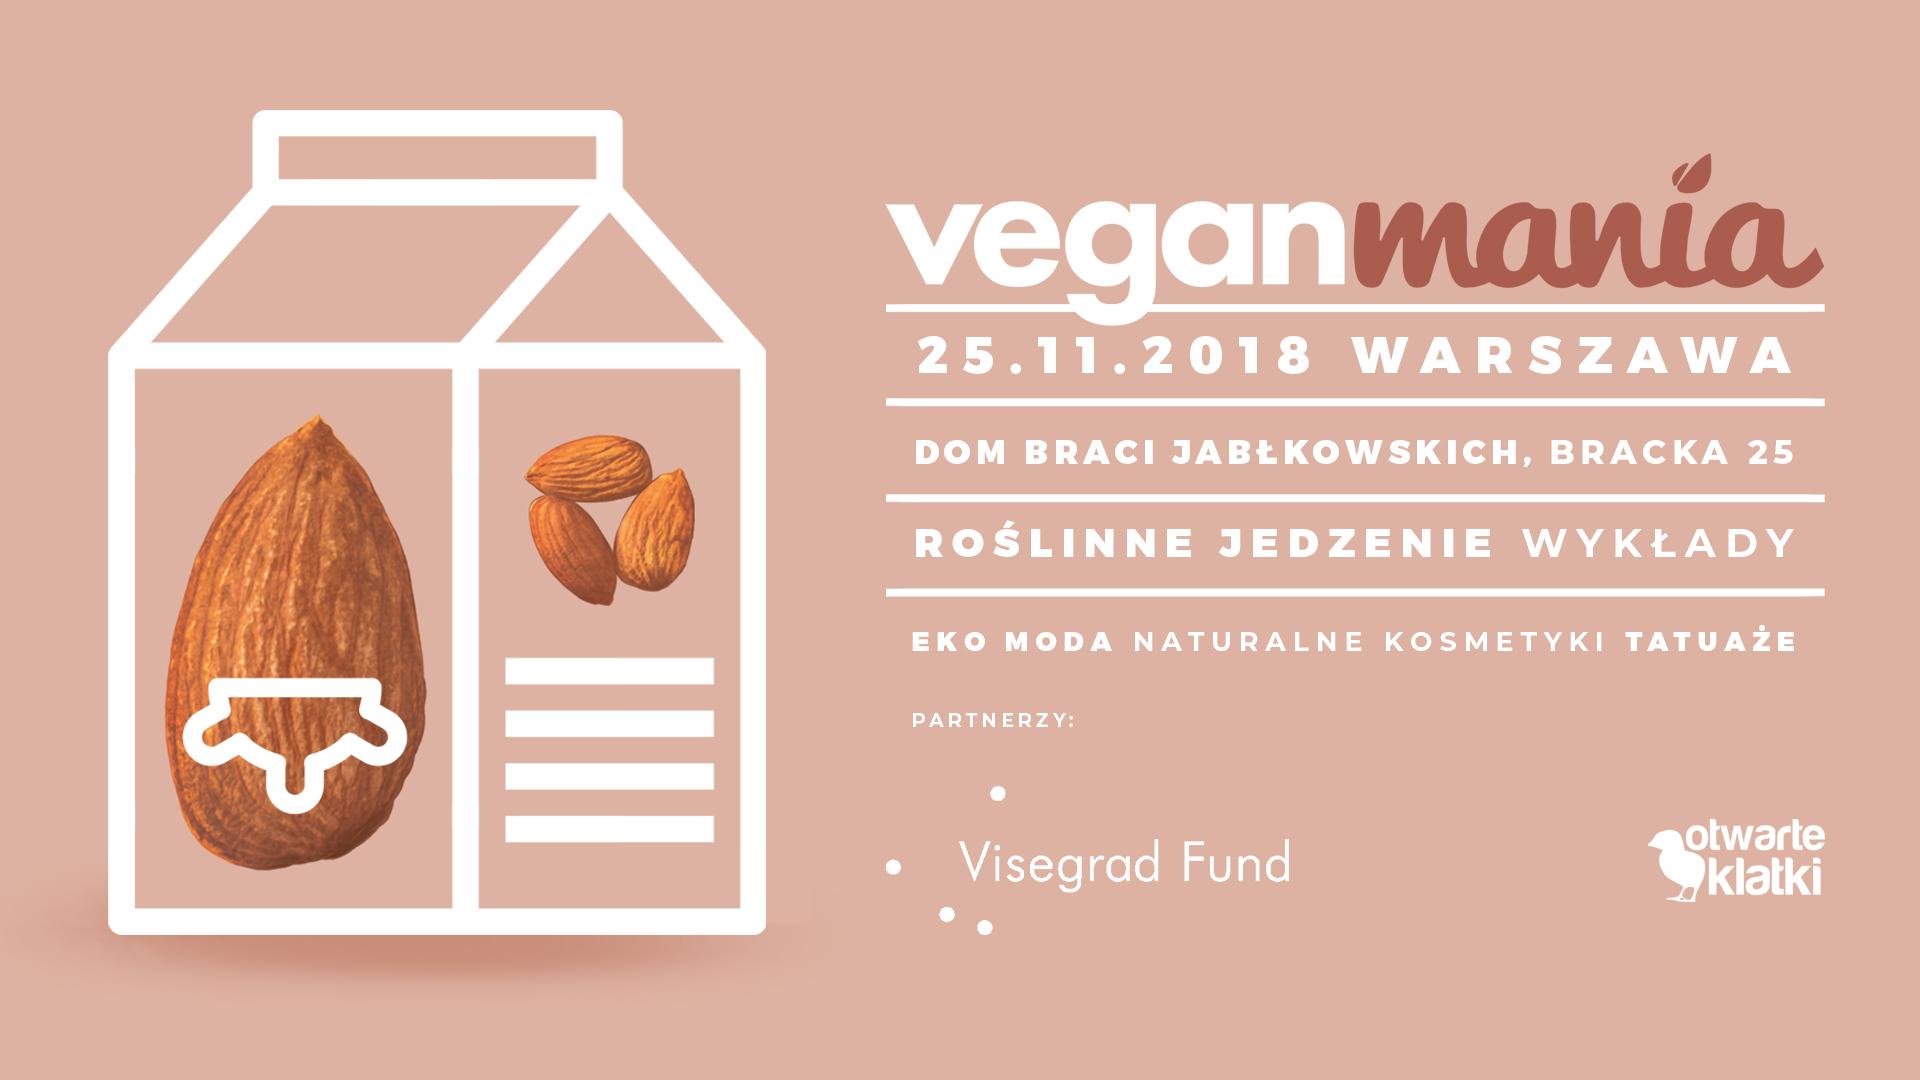 Festiwal Veganmania Warszawa